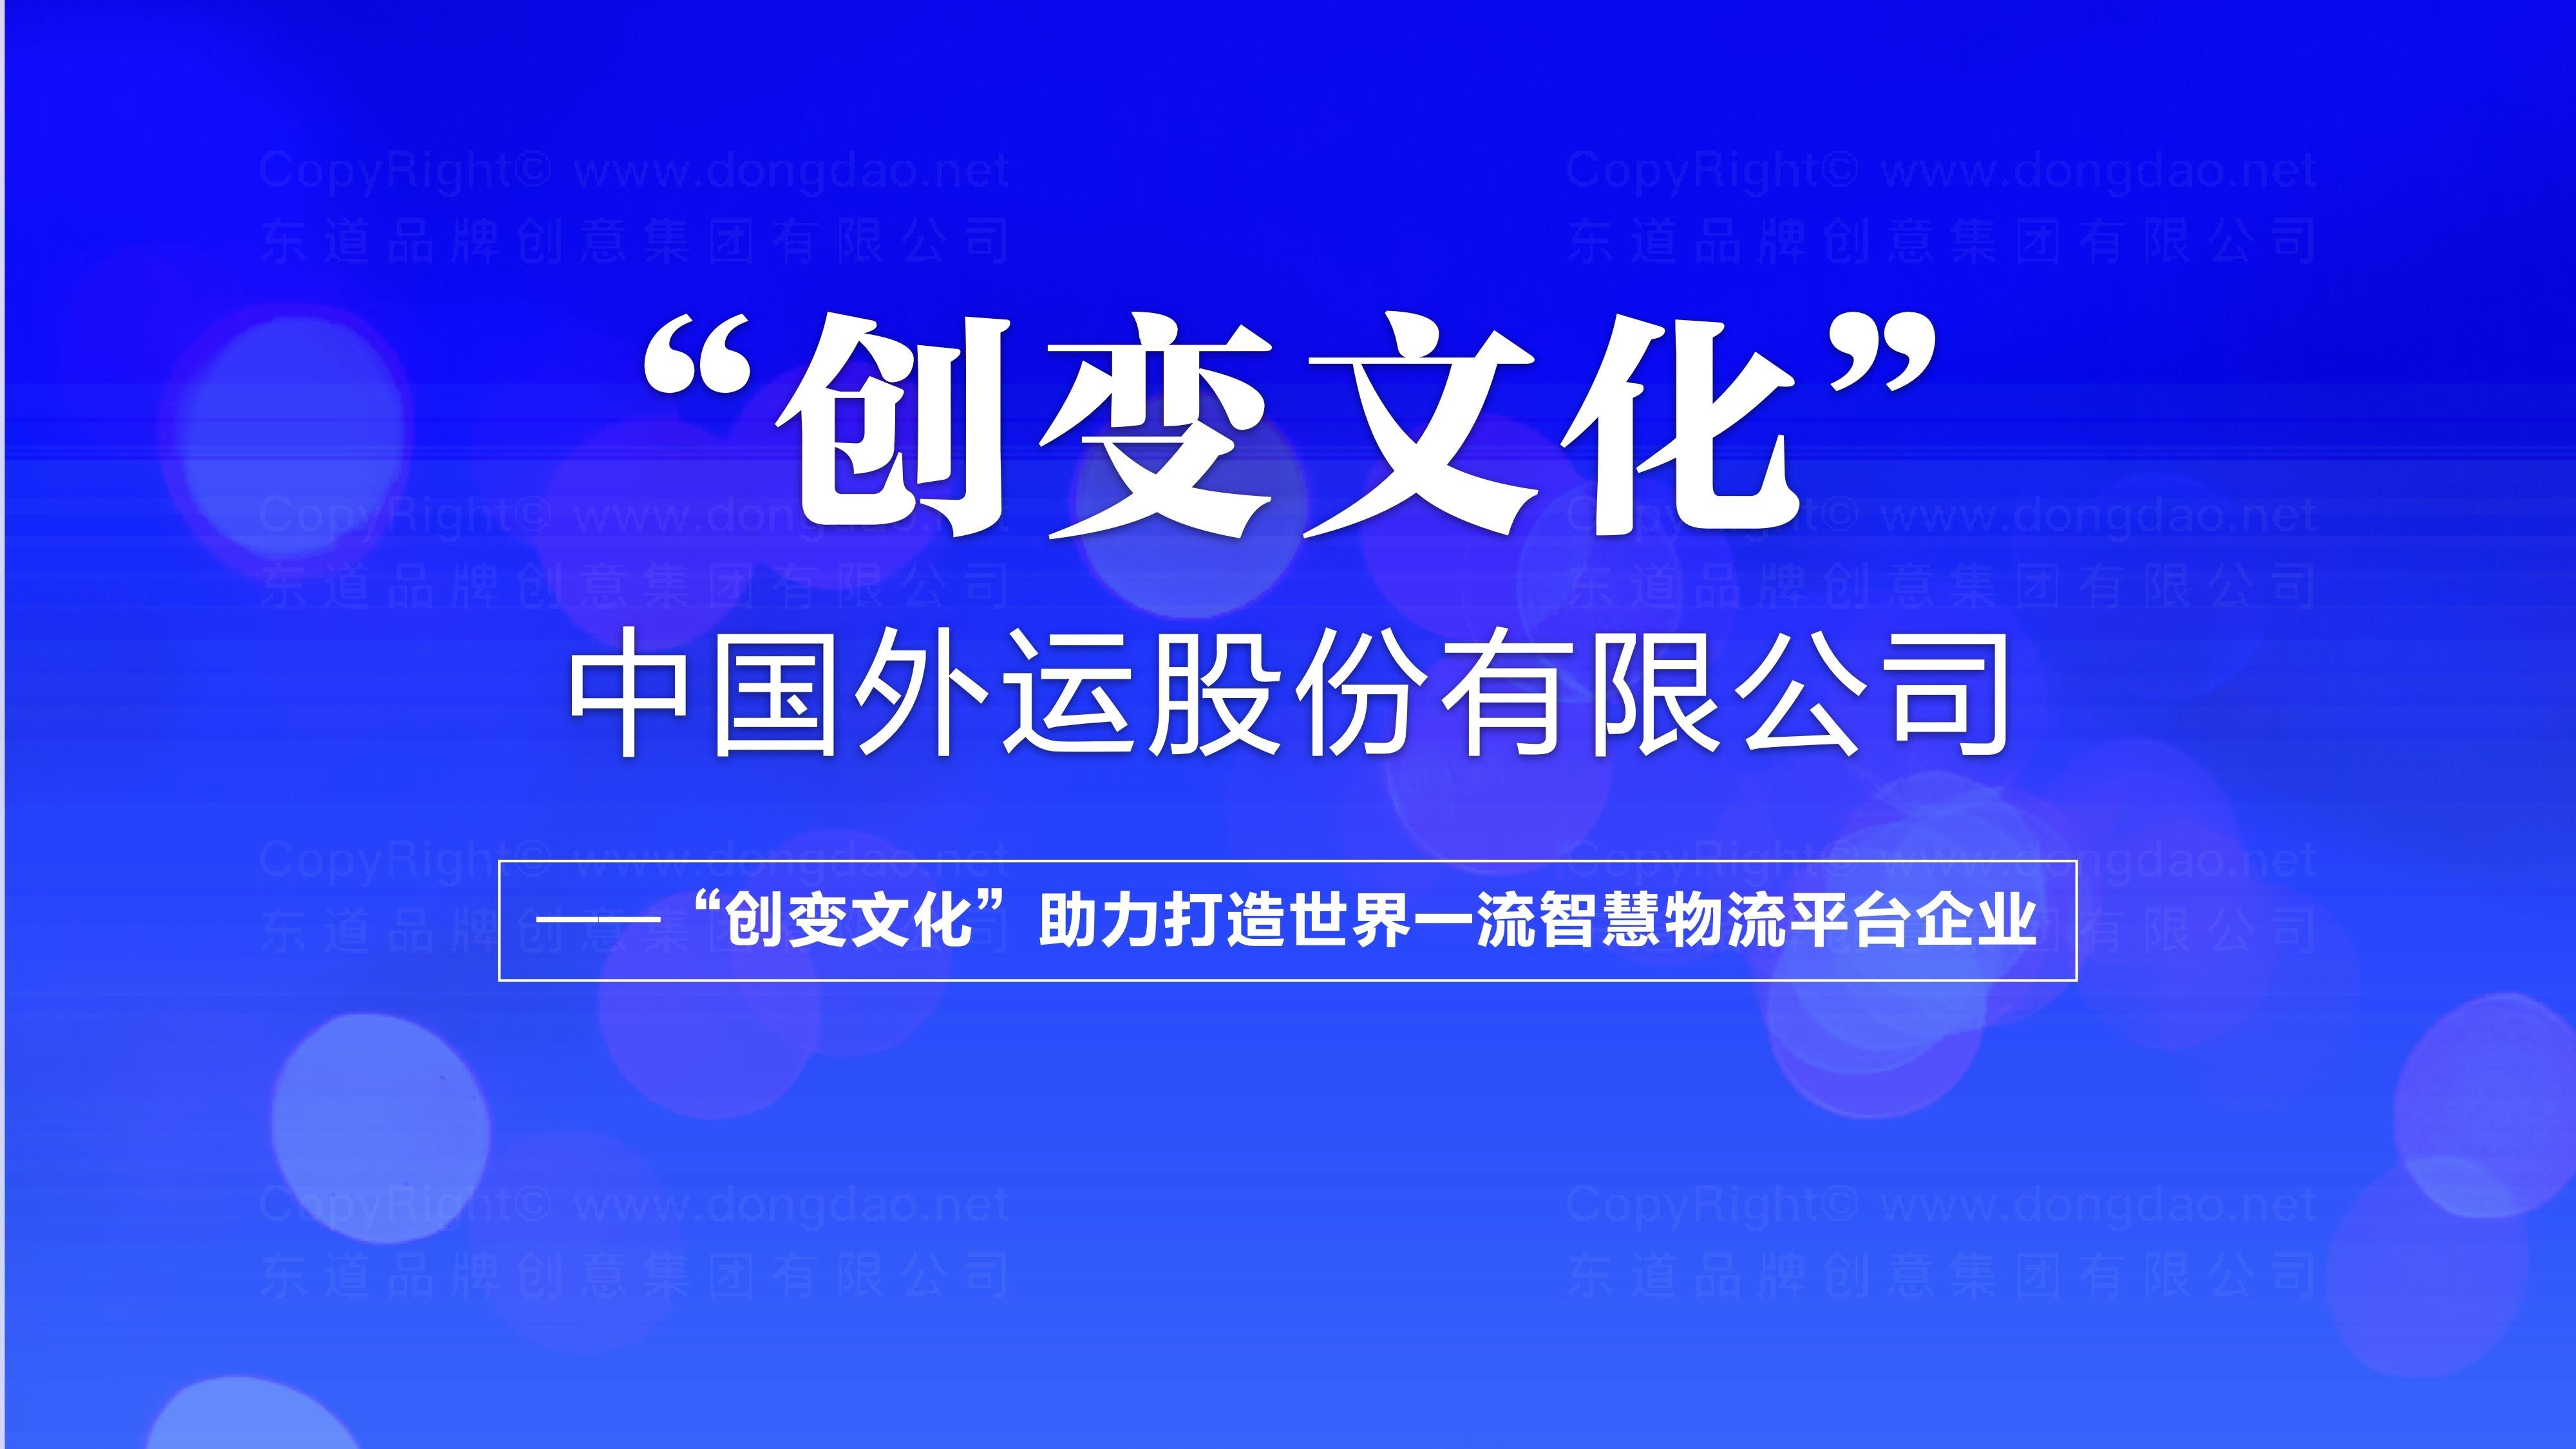 品牌战略&企业文化案例中国外运企业文化落地项目企业文化手册